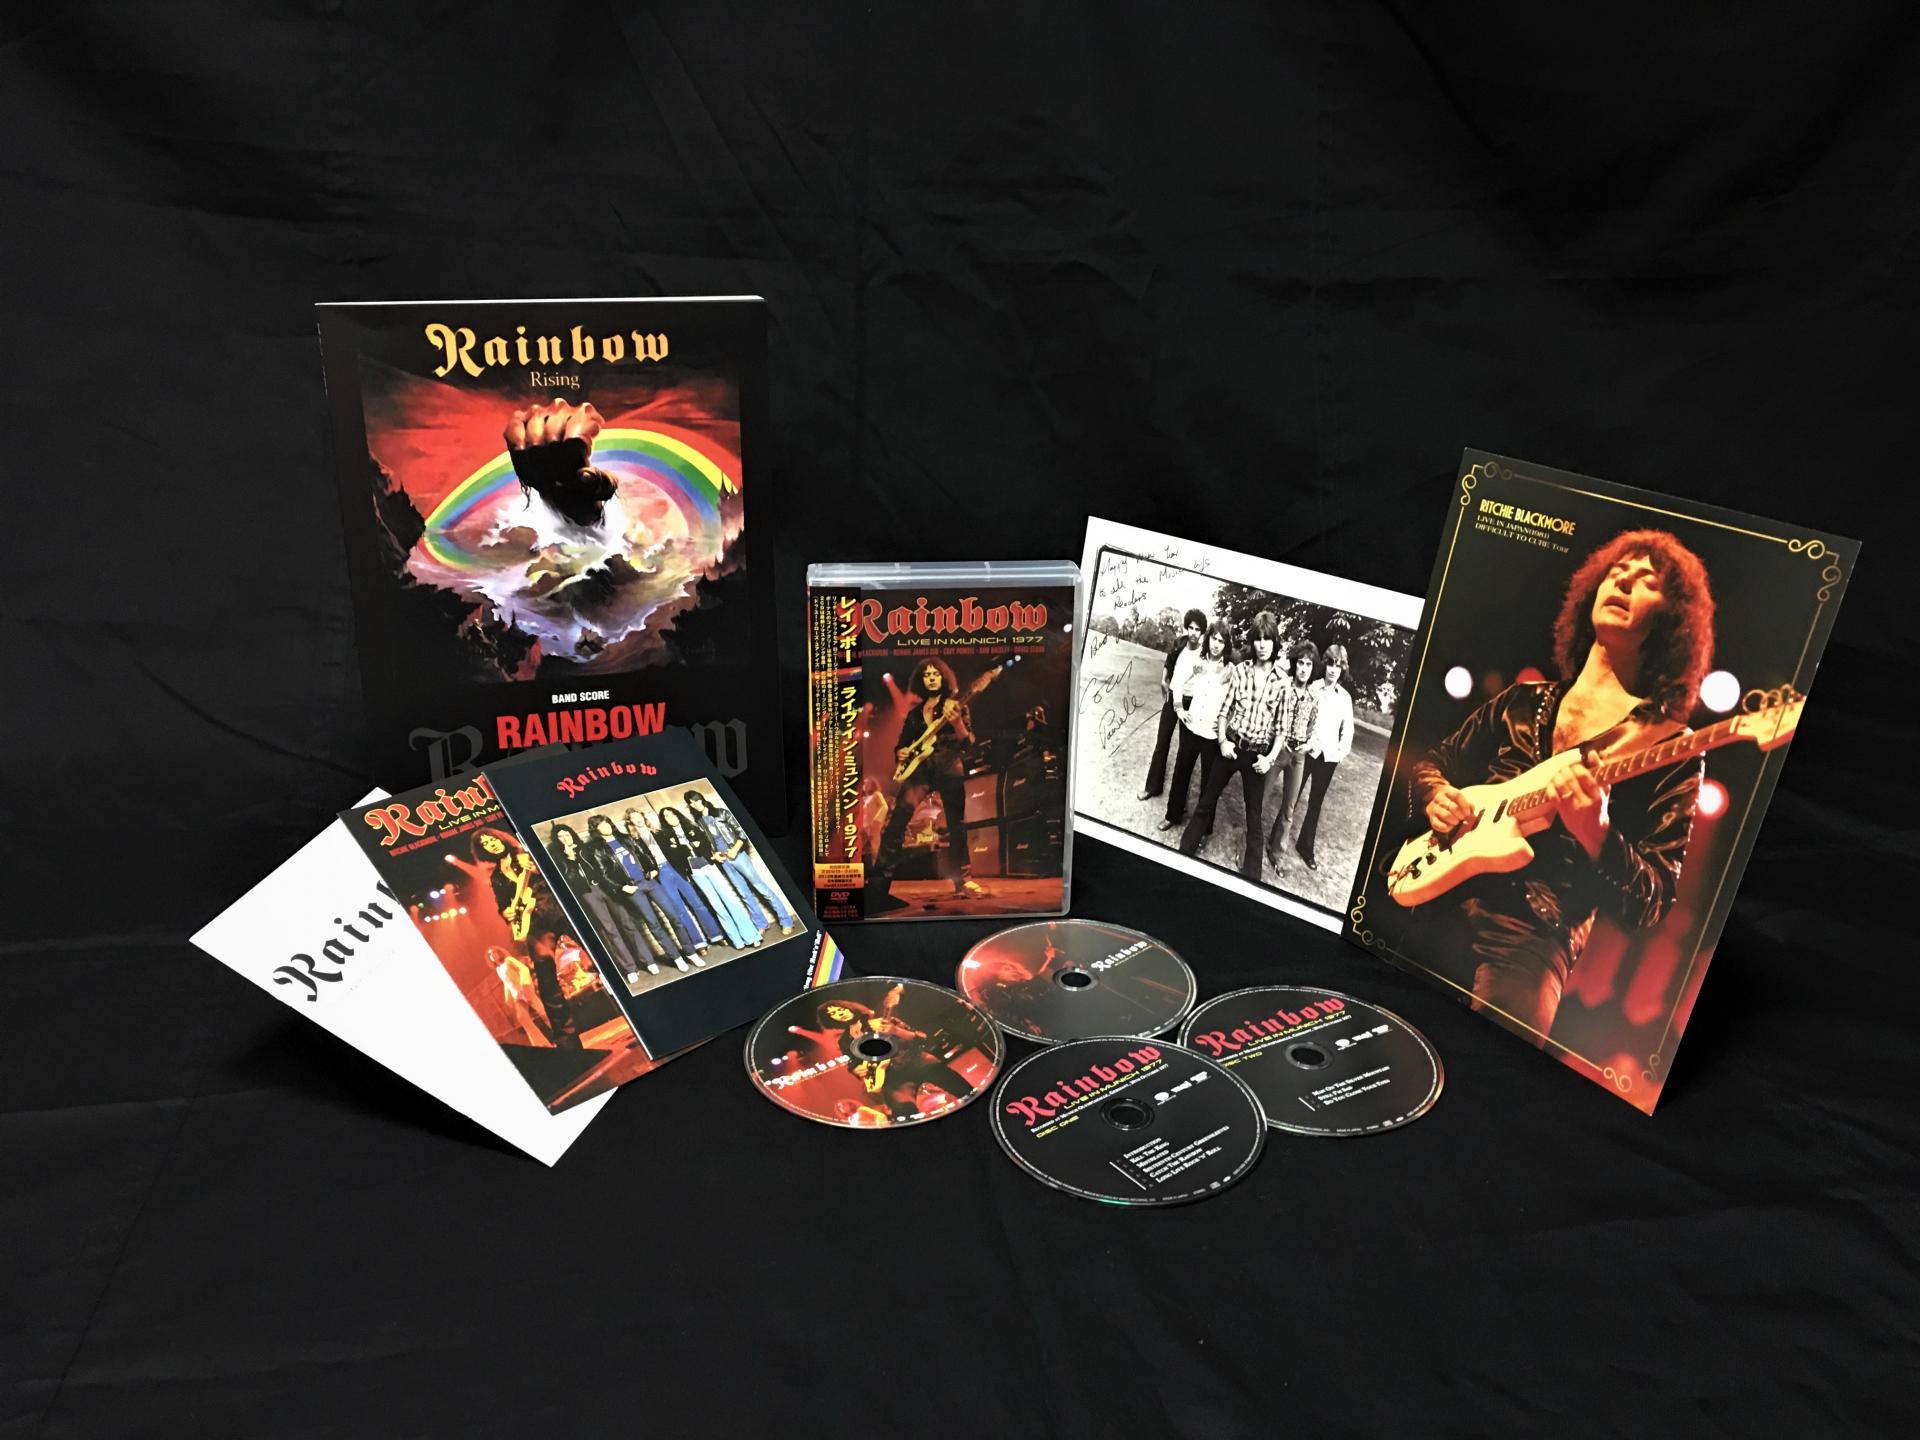 レインボー・トリビュート・セット(バンドスコア+CD&DVD)